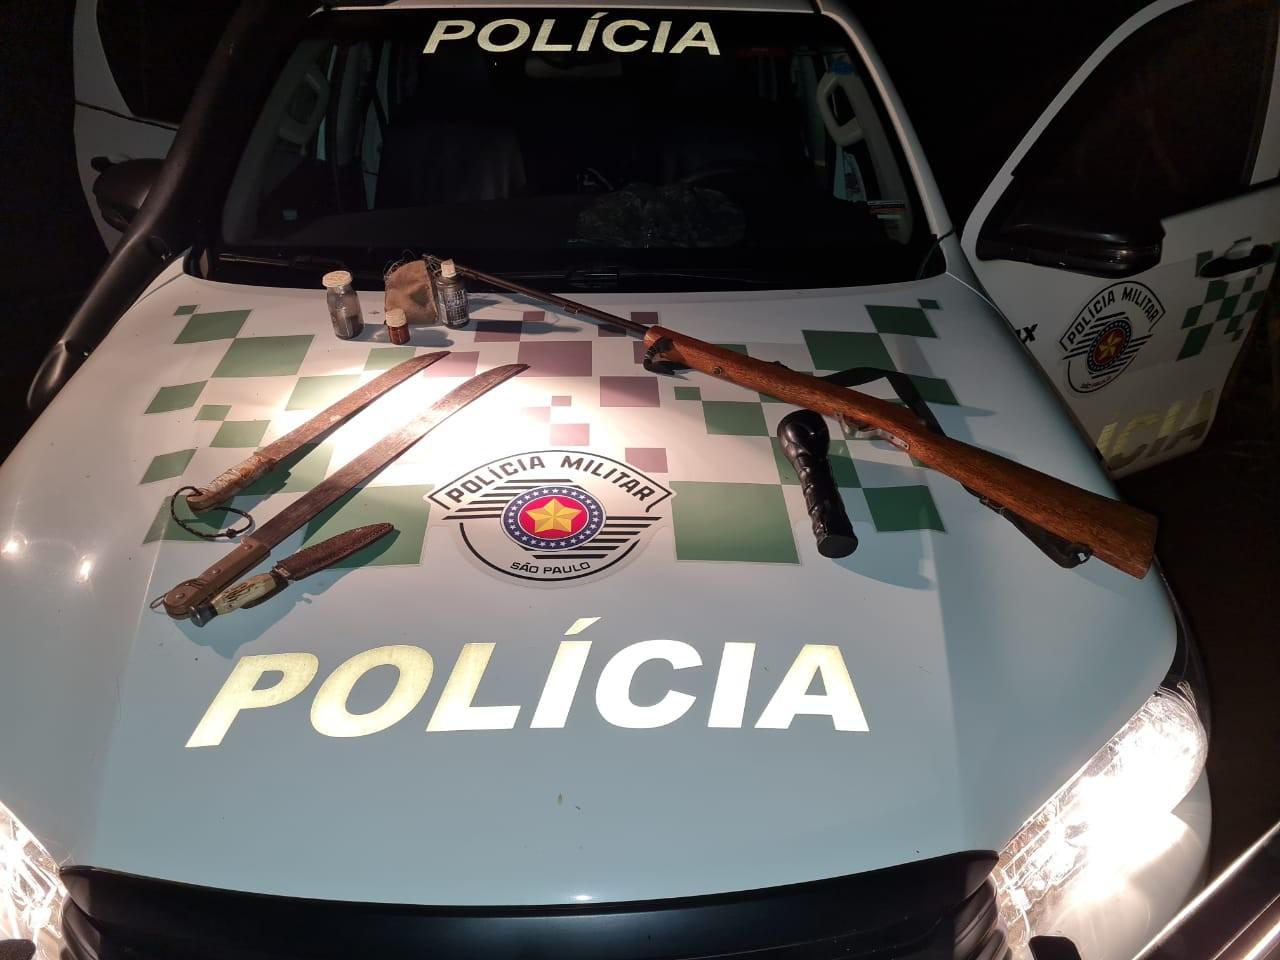 Três homens são presos e multados por suspeita de caça ilegal em Jaboticabal, SP